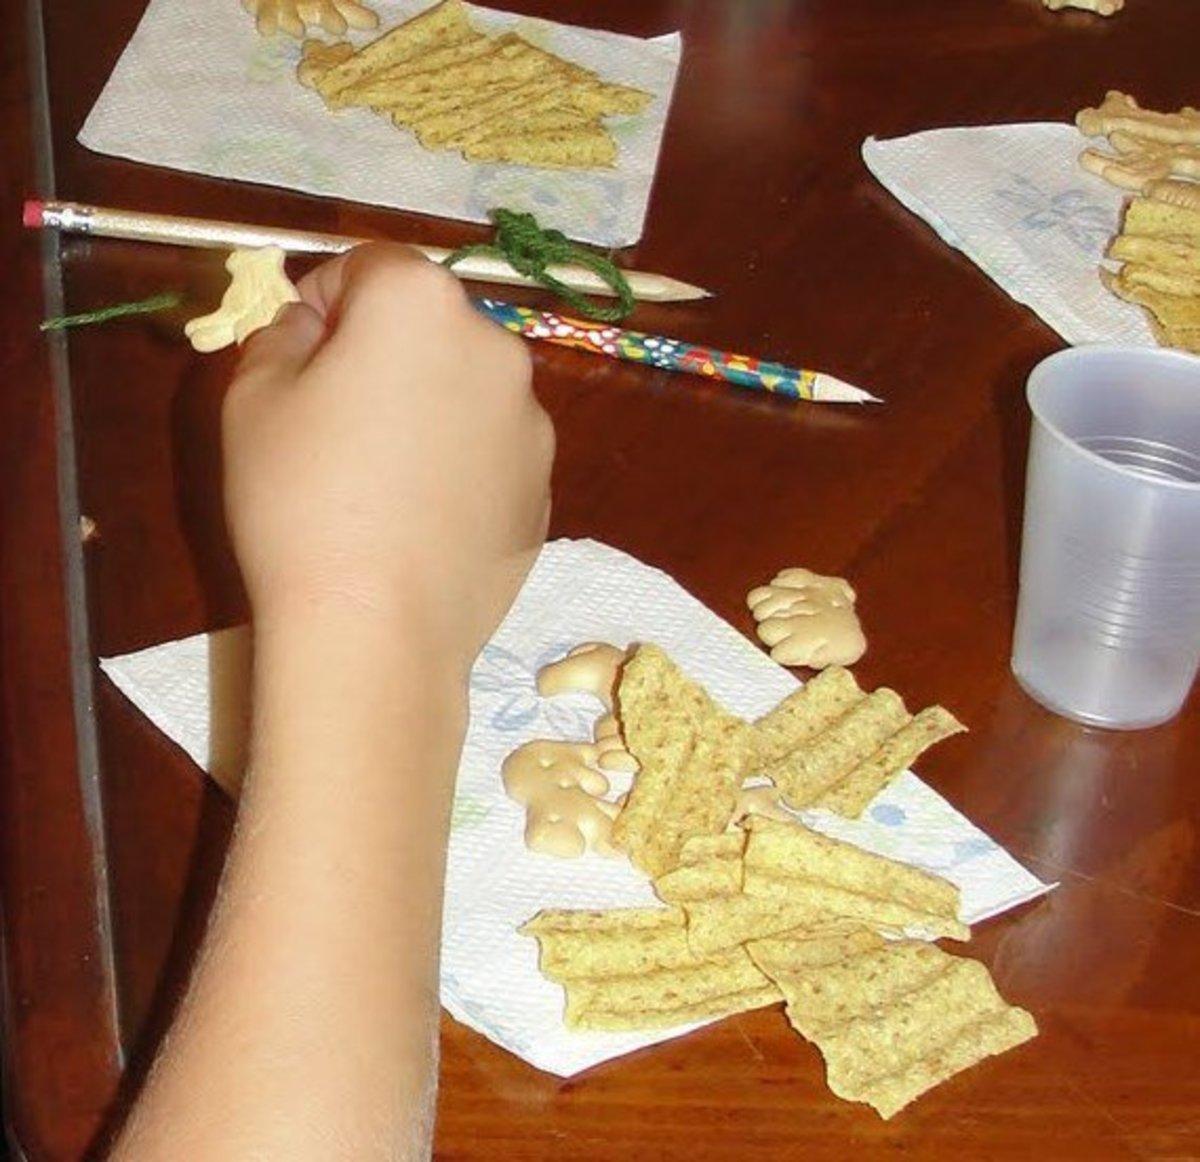 Eating noisy snacks